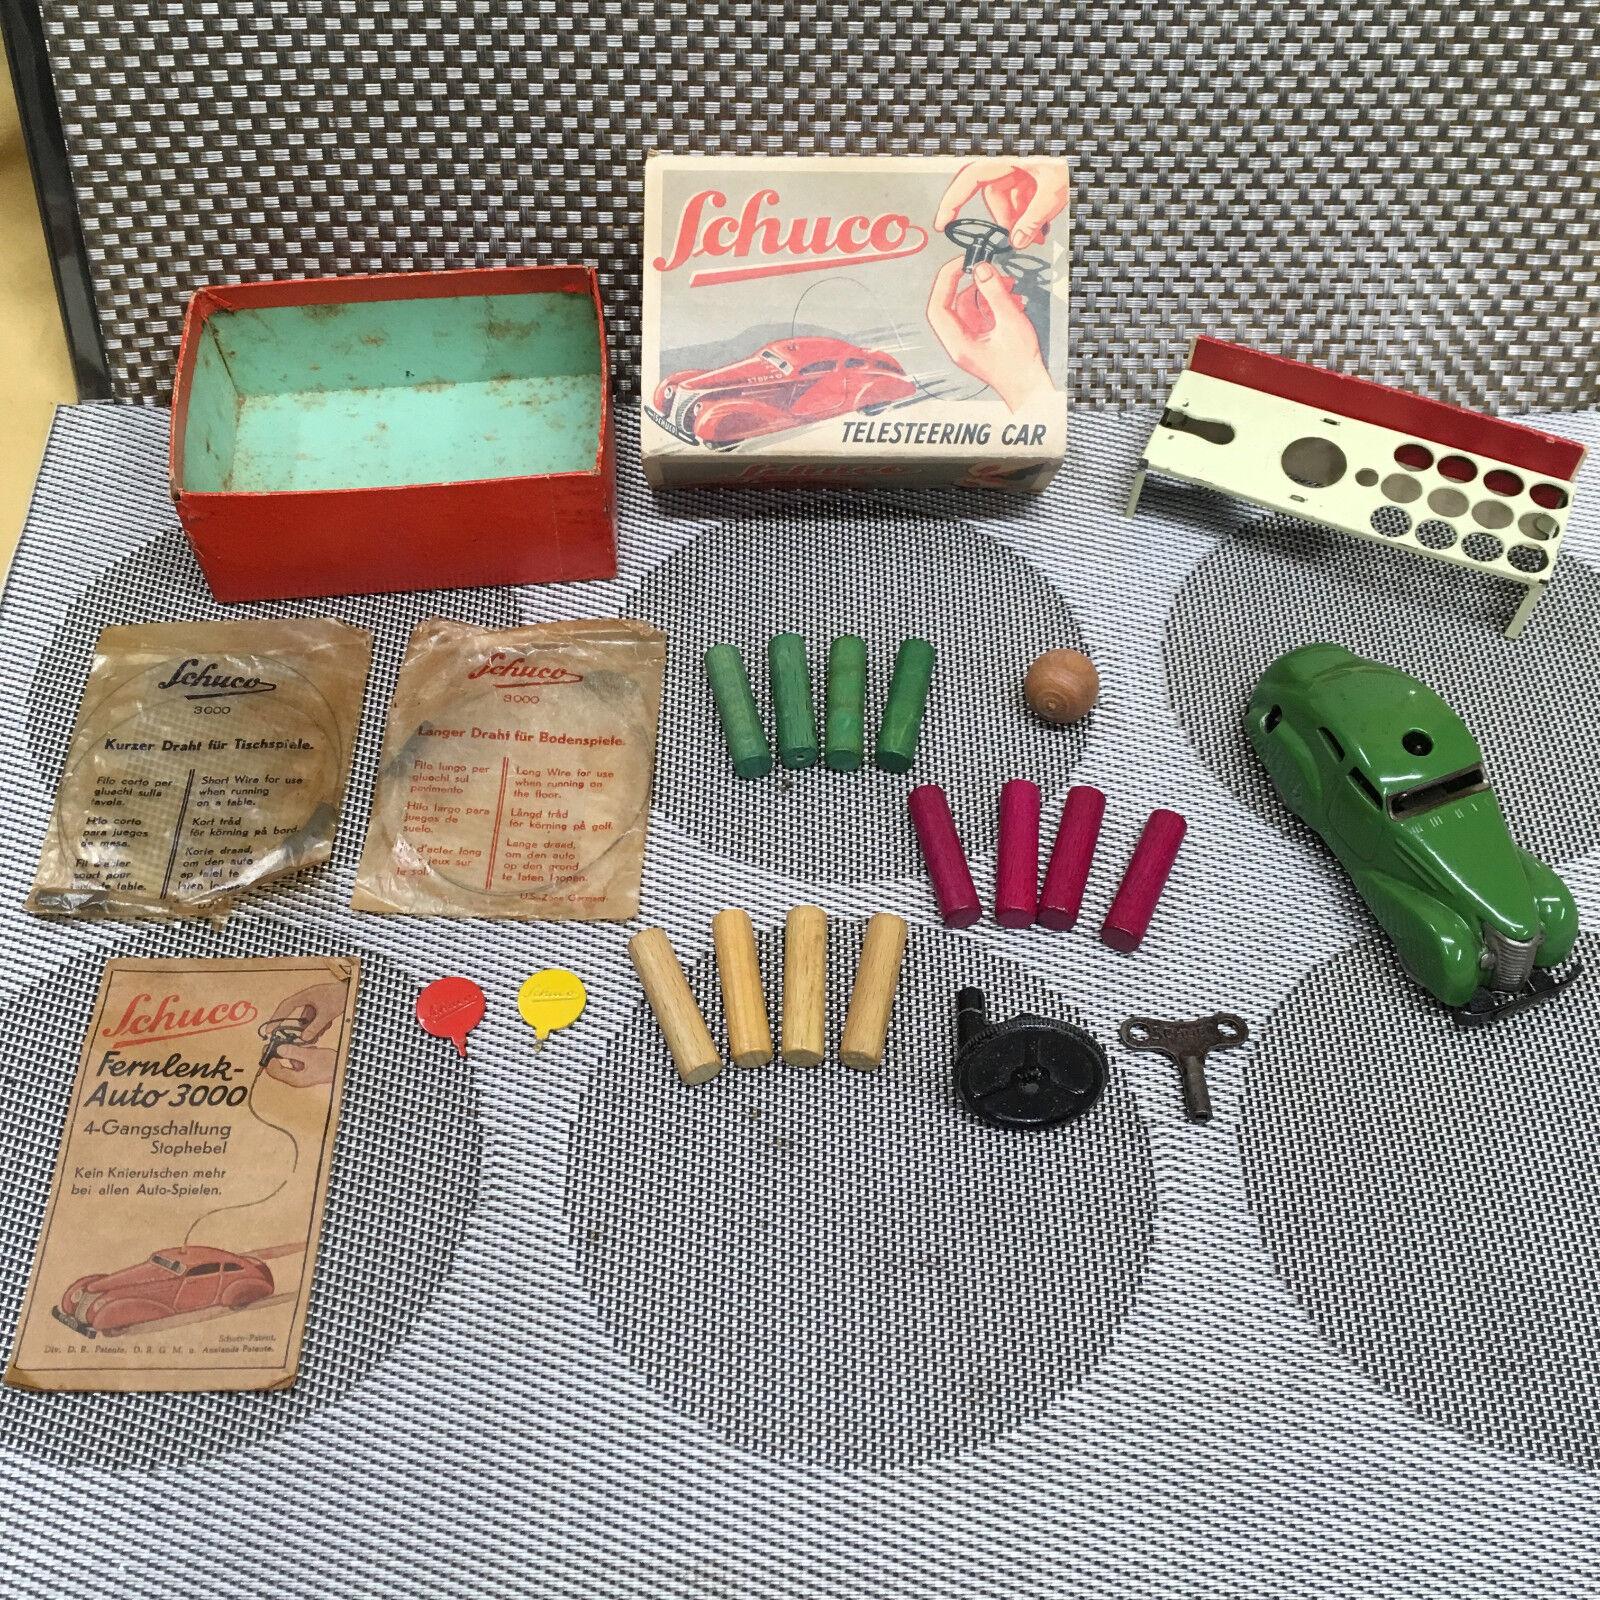 Schuco pre II Guerra Mundial, telesteering coche 3000 en verde con todos los accesorios originales